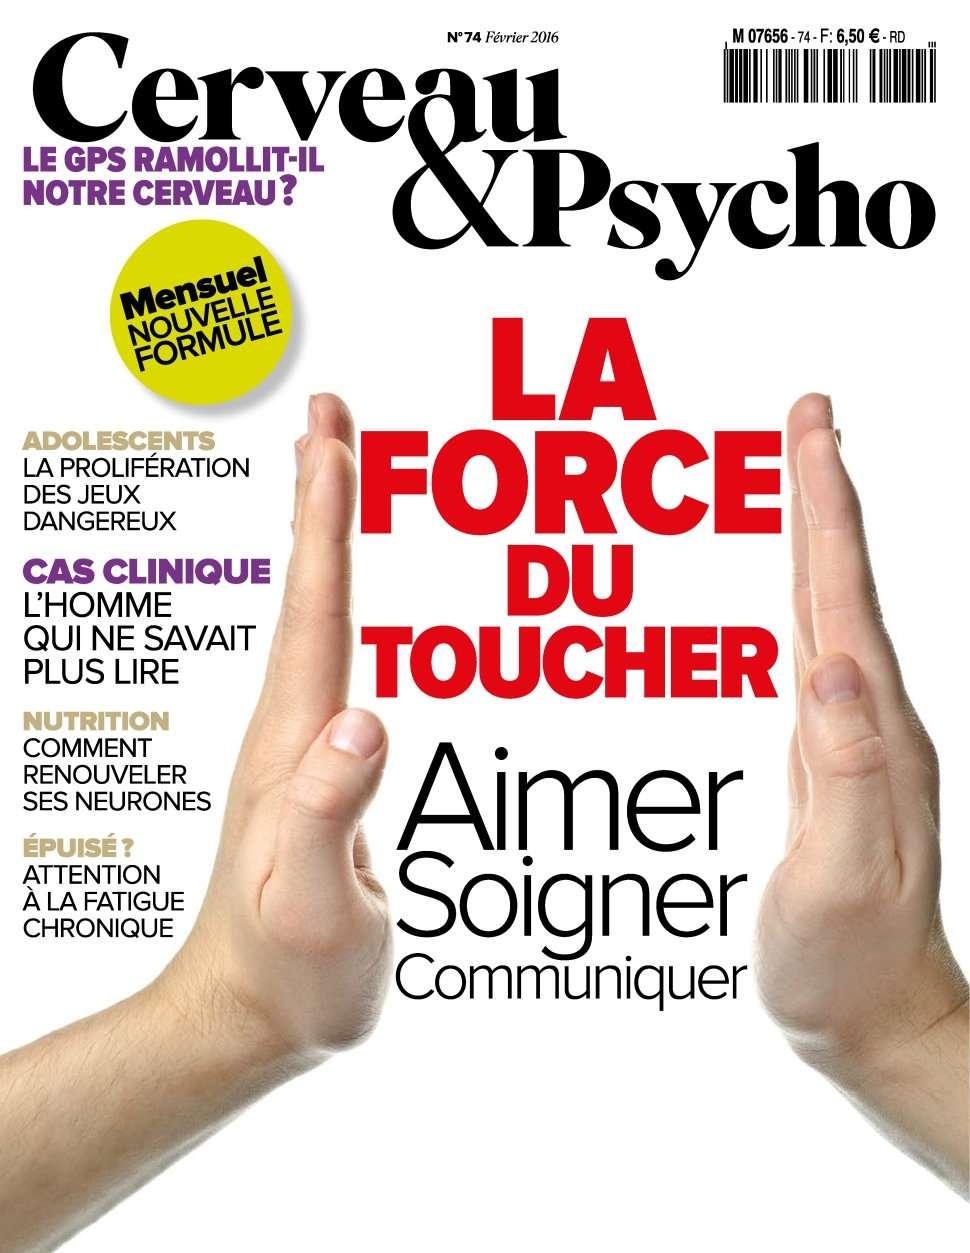 Cerveau & Psycho 74 - Février 2016